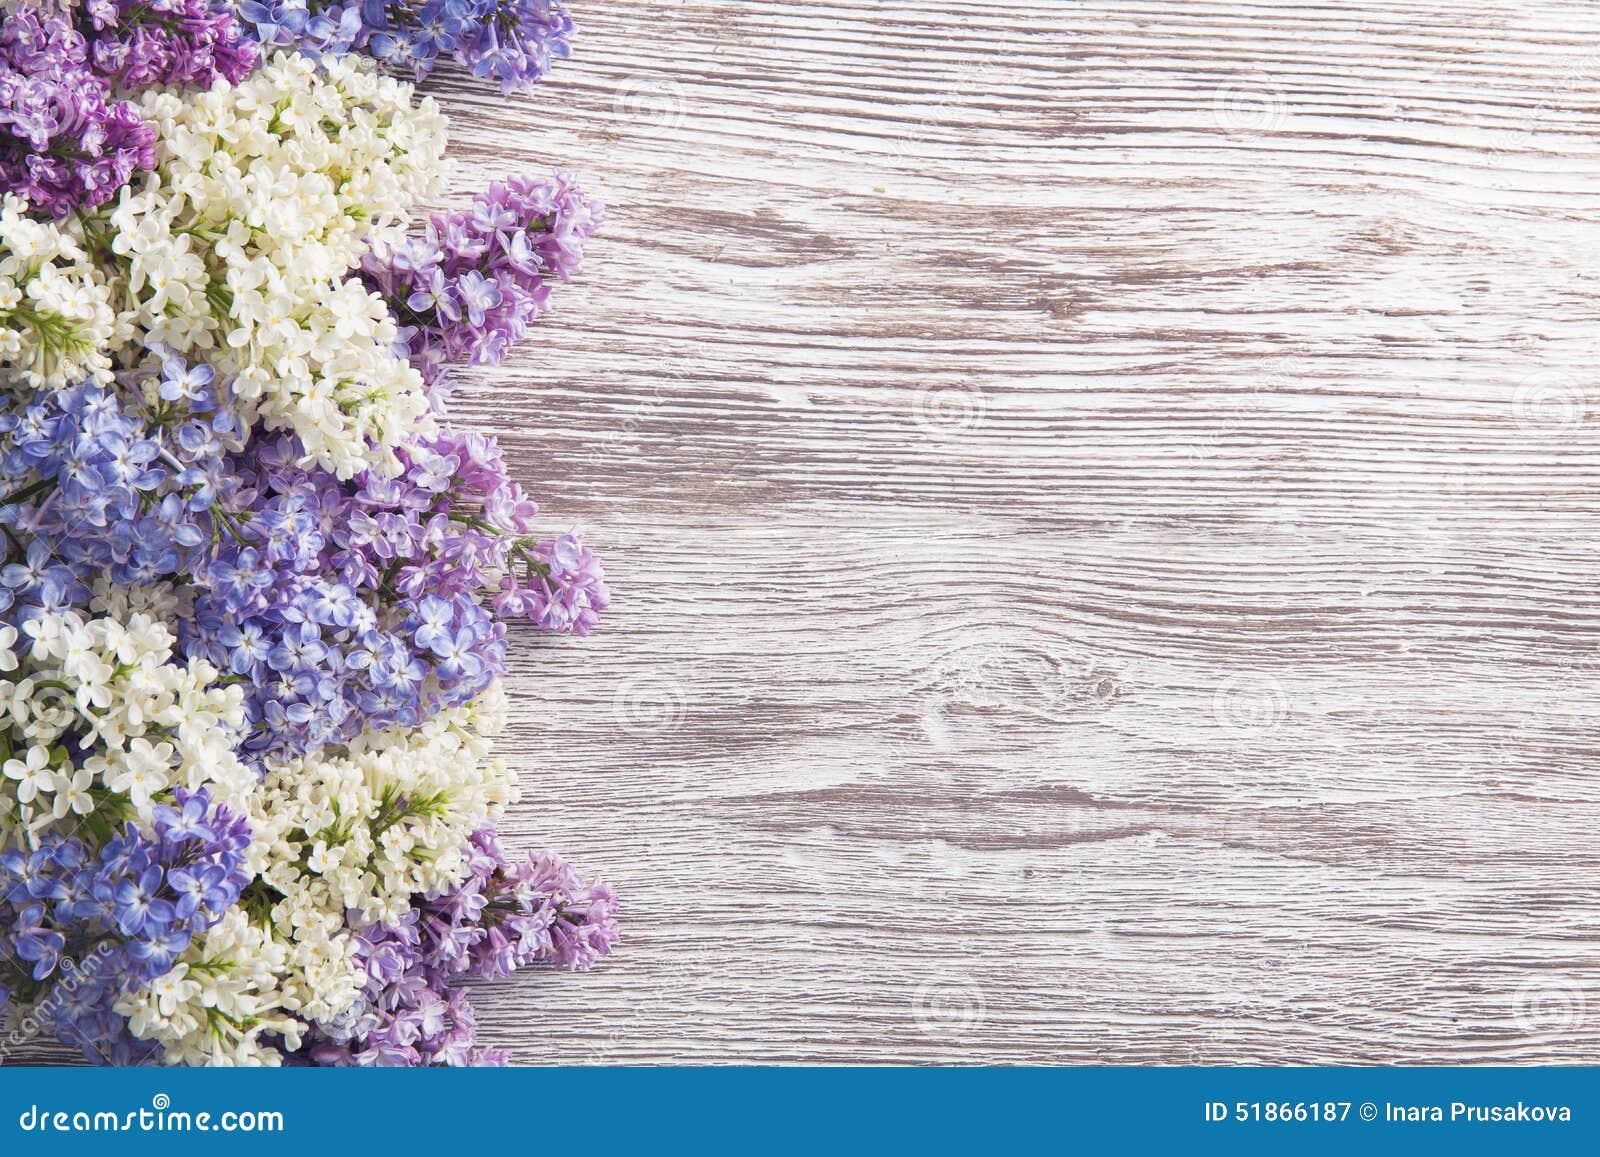 Сирень цветет букет на деревянной предпосылке планки, пурпуре весны